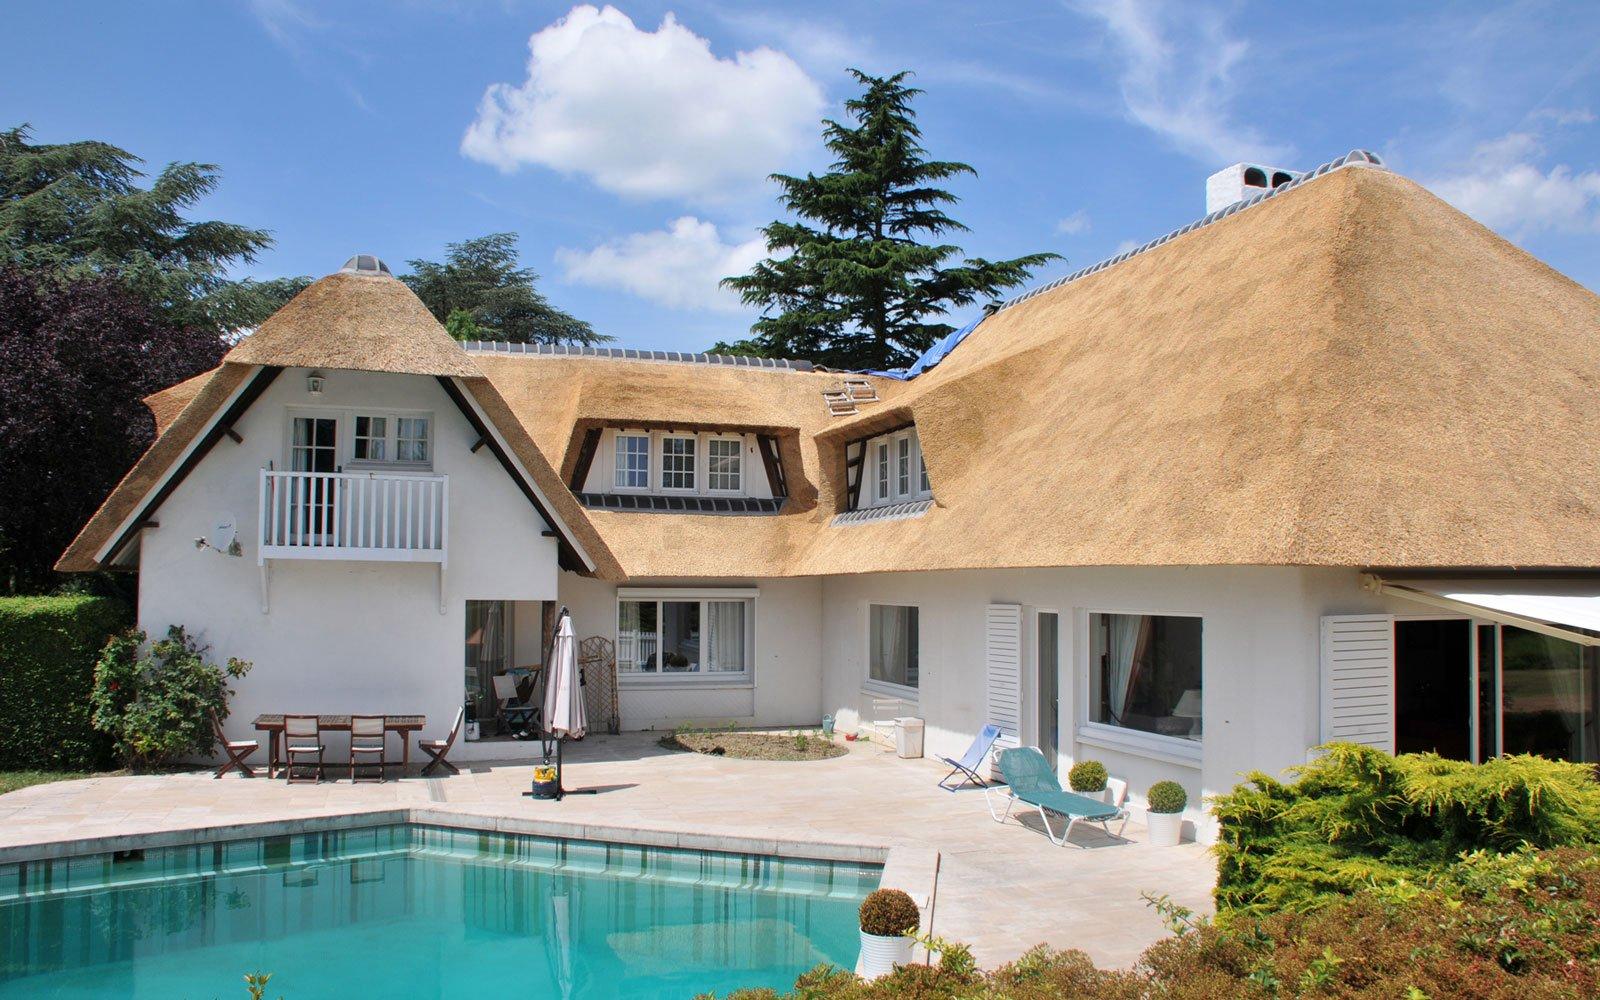 Ibens rieten daken | Special | Daken